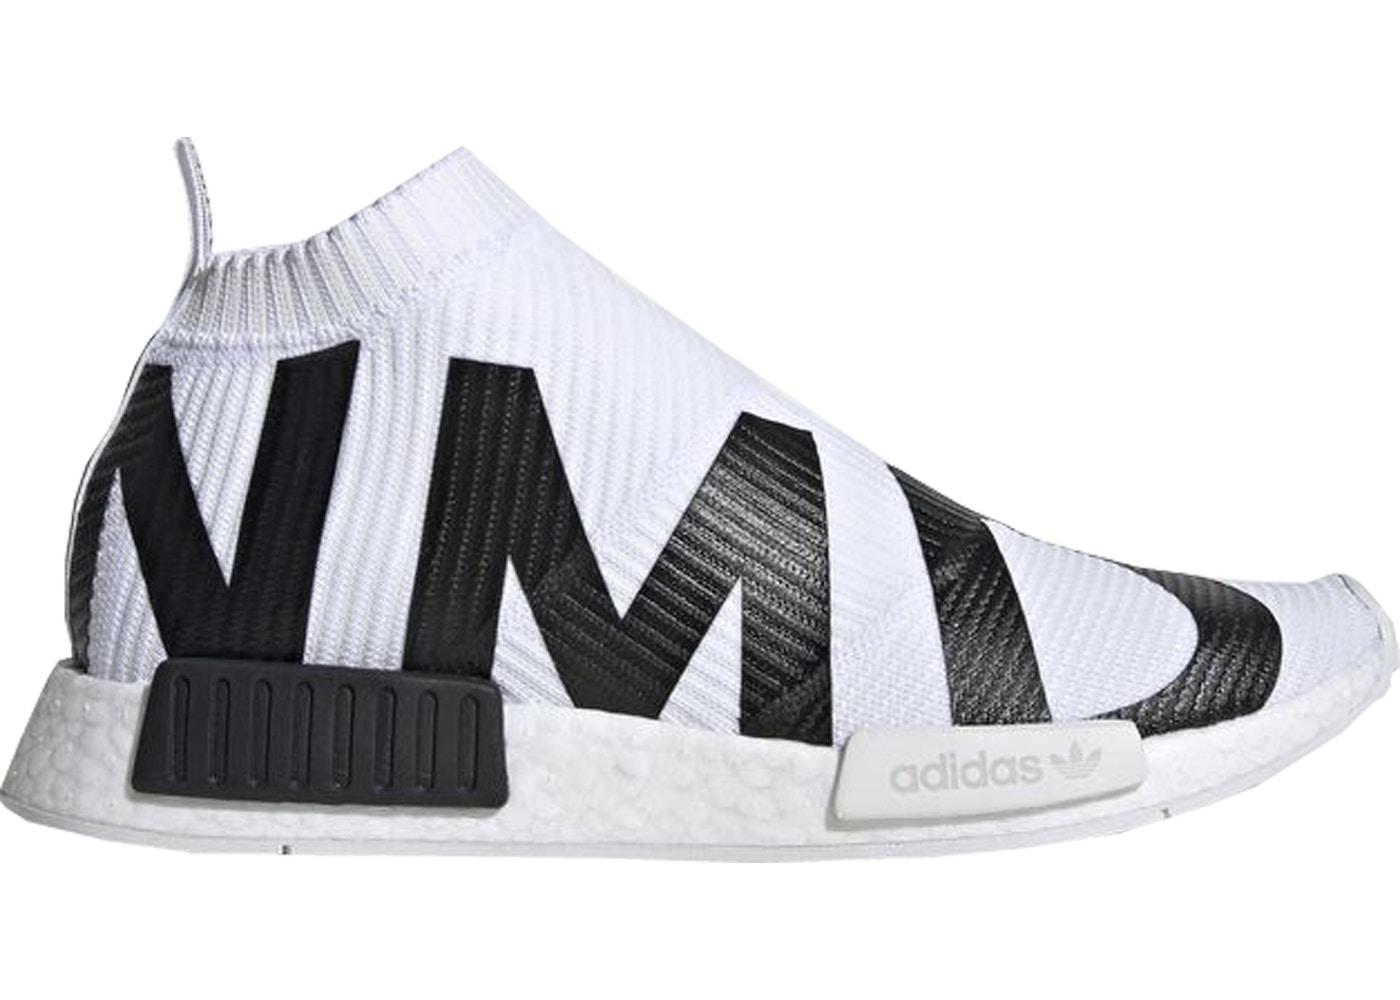 nmd adidas cs1